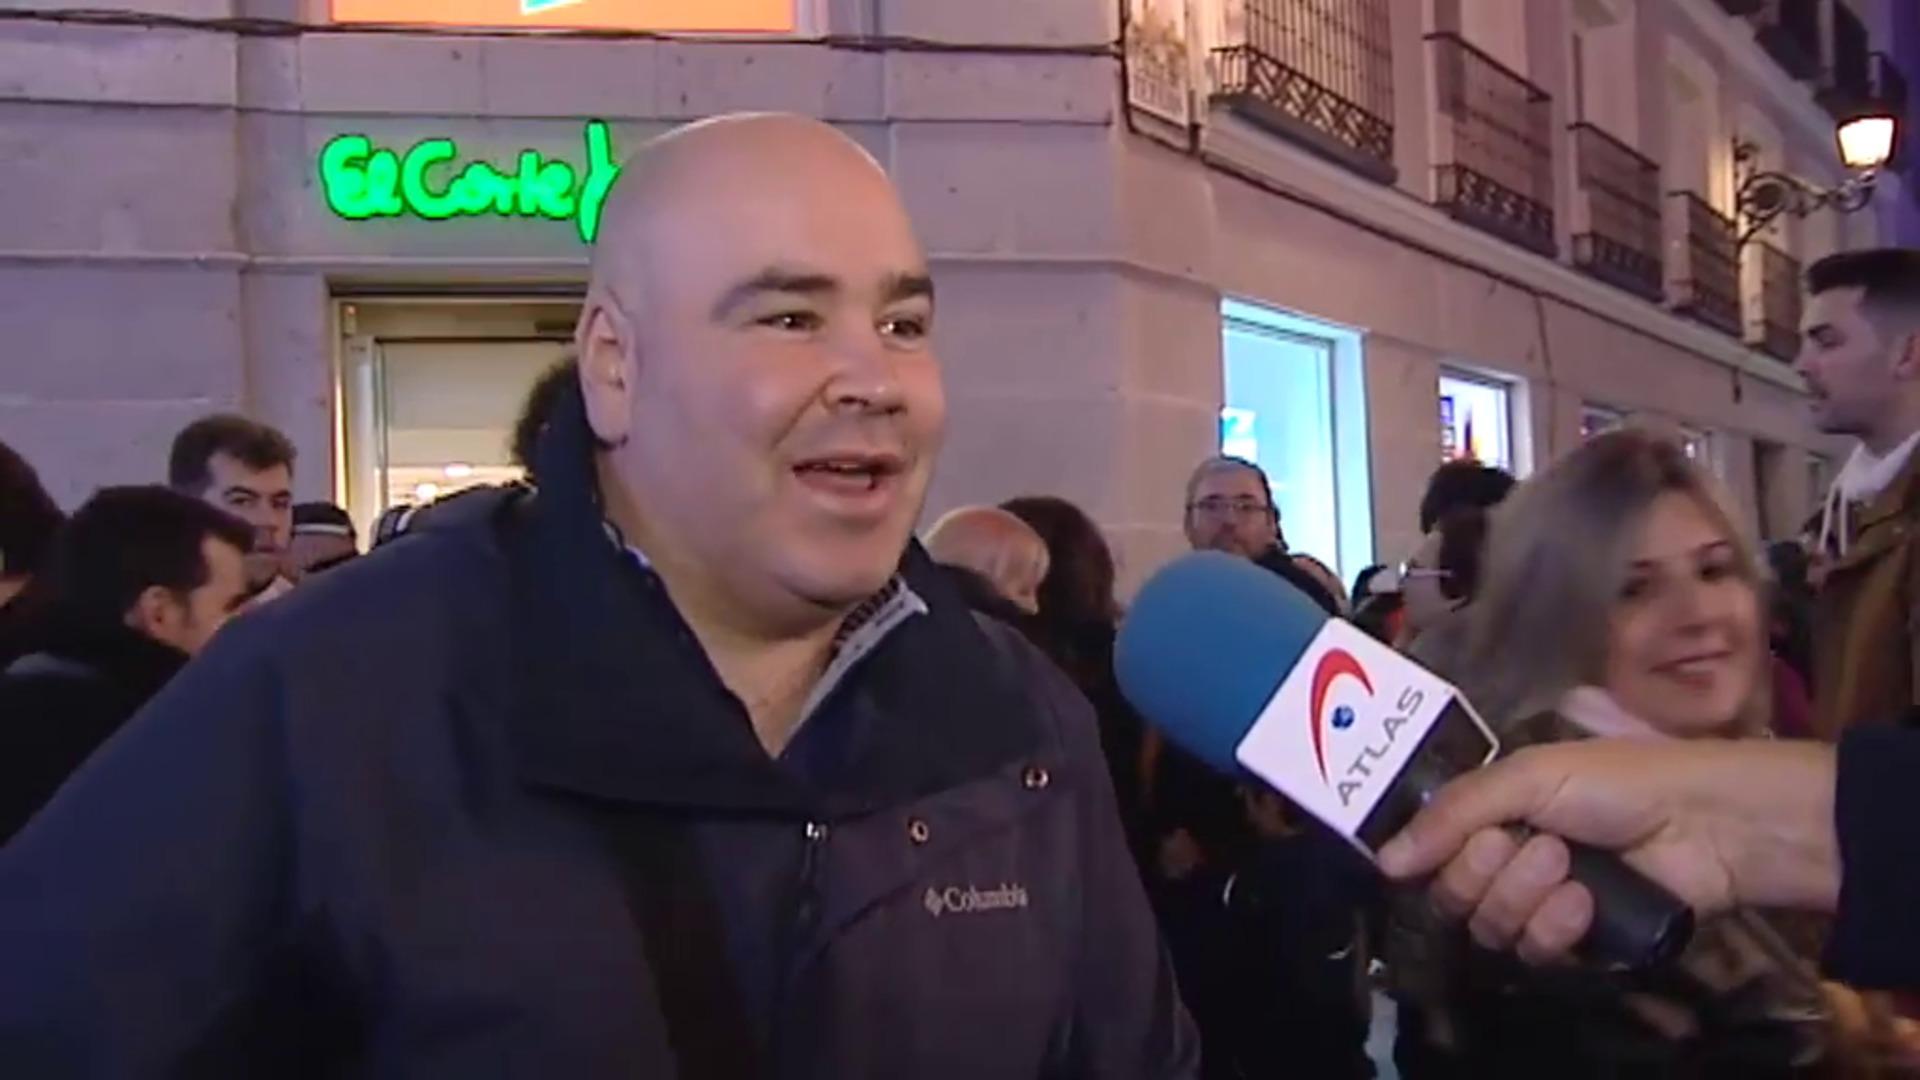 El puente de la Constitución y las compras navideñas colapsan el centro de Madrid